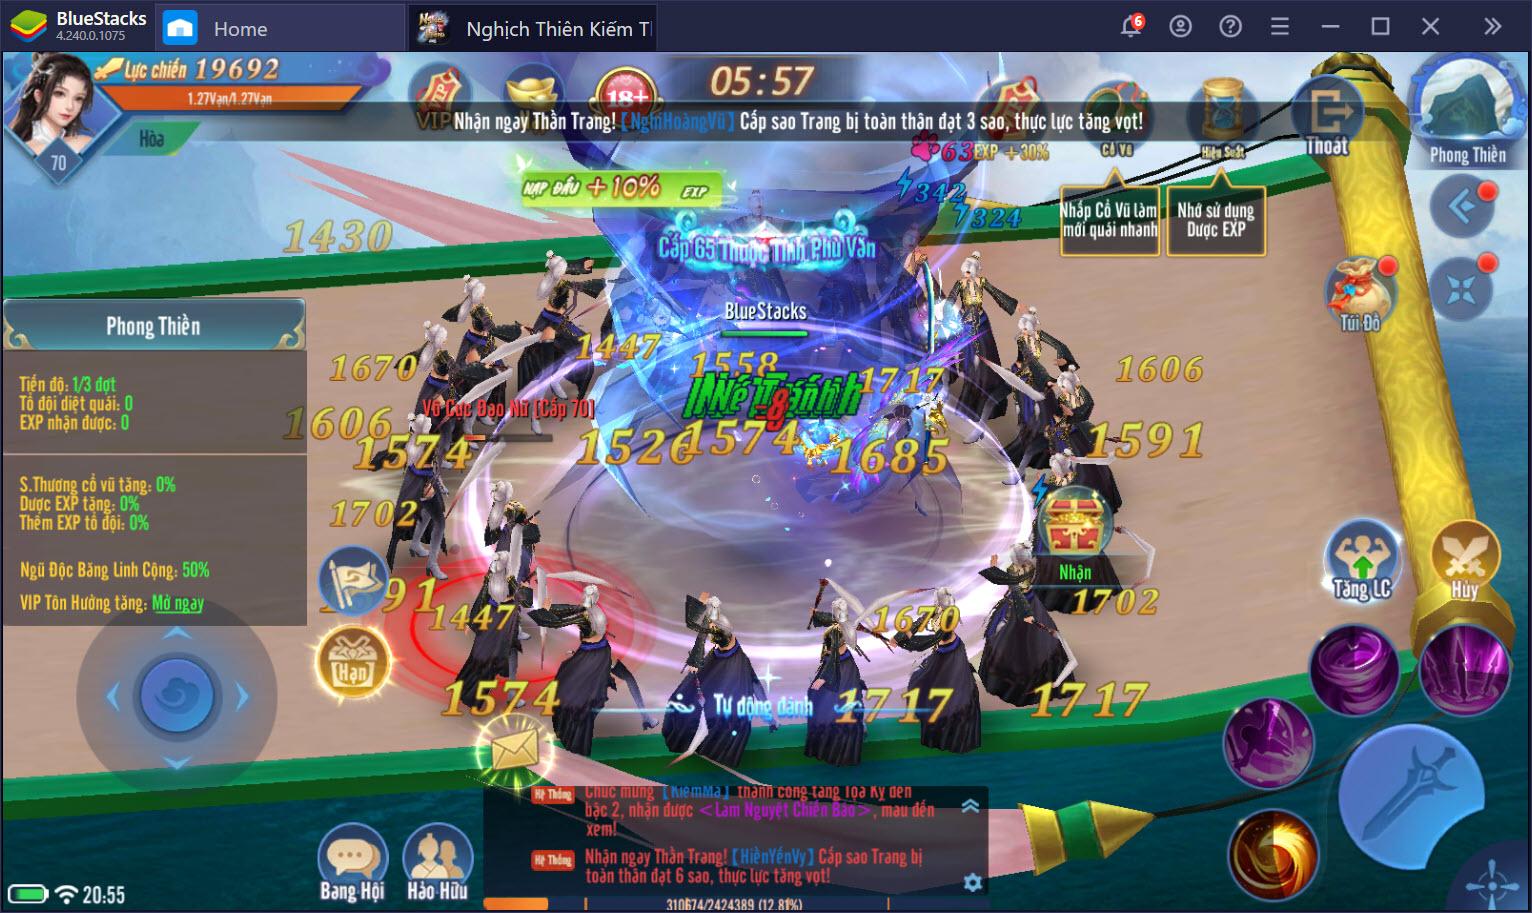 Cùng chơi Nghịch Thiên Kiếm Thế trên PC cùng BlueStacks